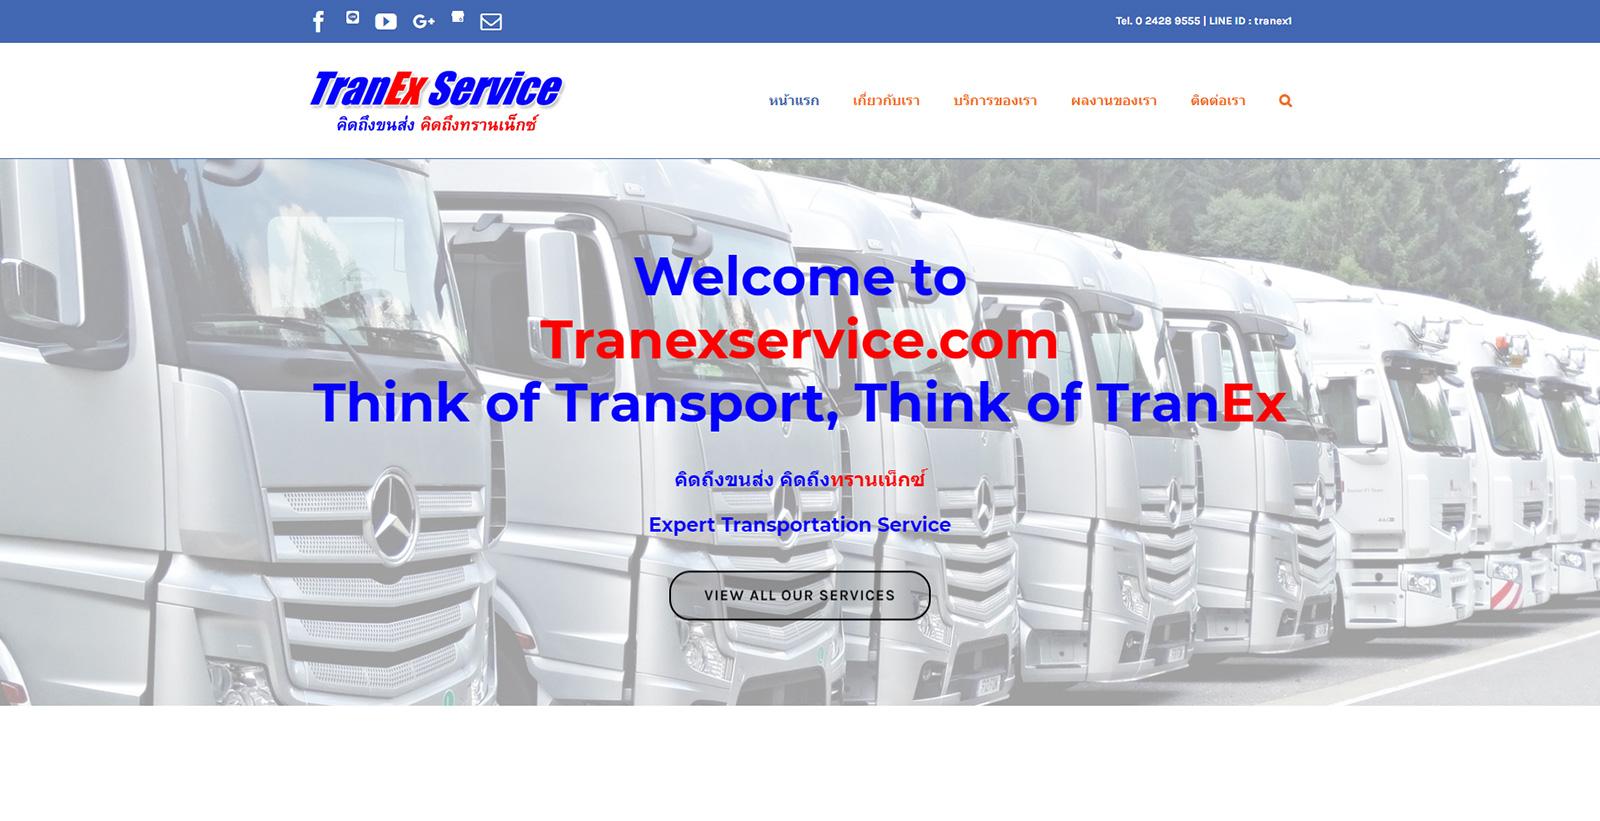 เว็บไซต์ TranEx Service (บริการที่ใช้ : รับสร้างเว็บไซต์) ขนาดหน้าจอ Notebook